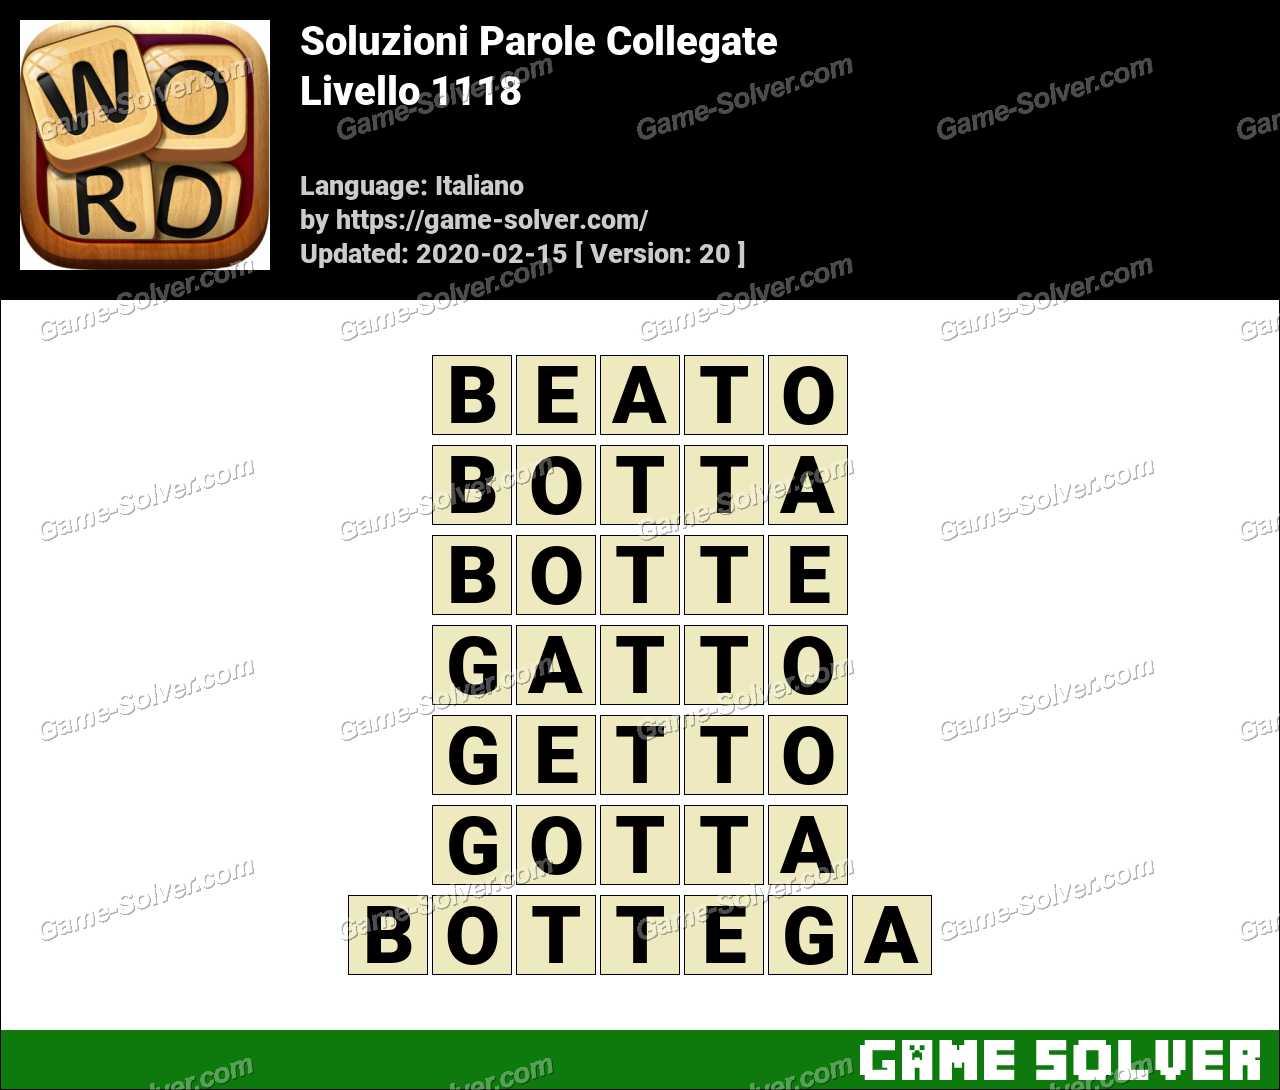 Soluzioni Parole Collegate Livello 1118